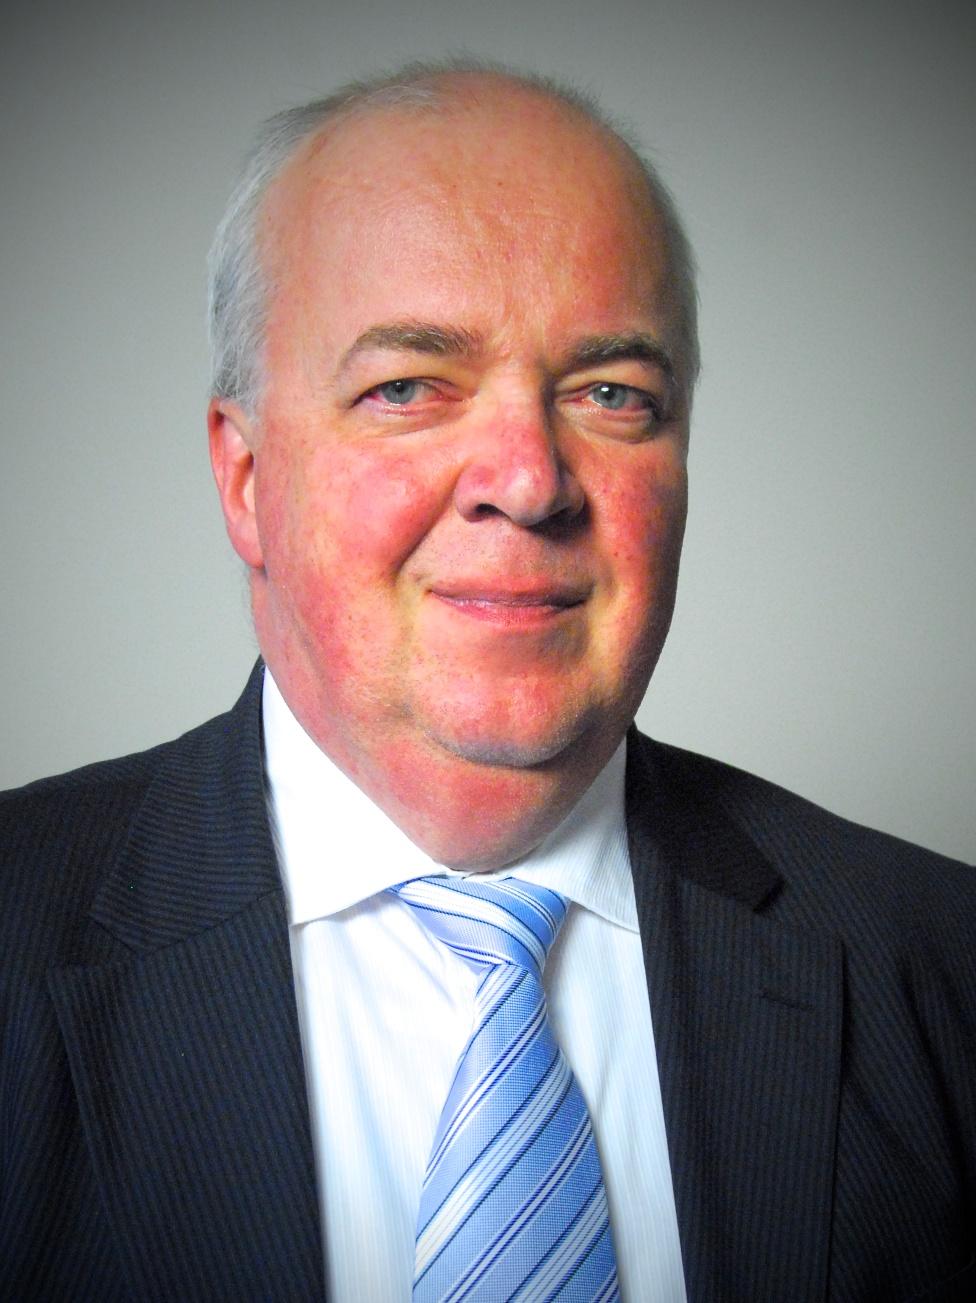 Simon Zsolt